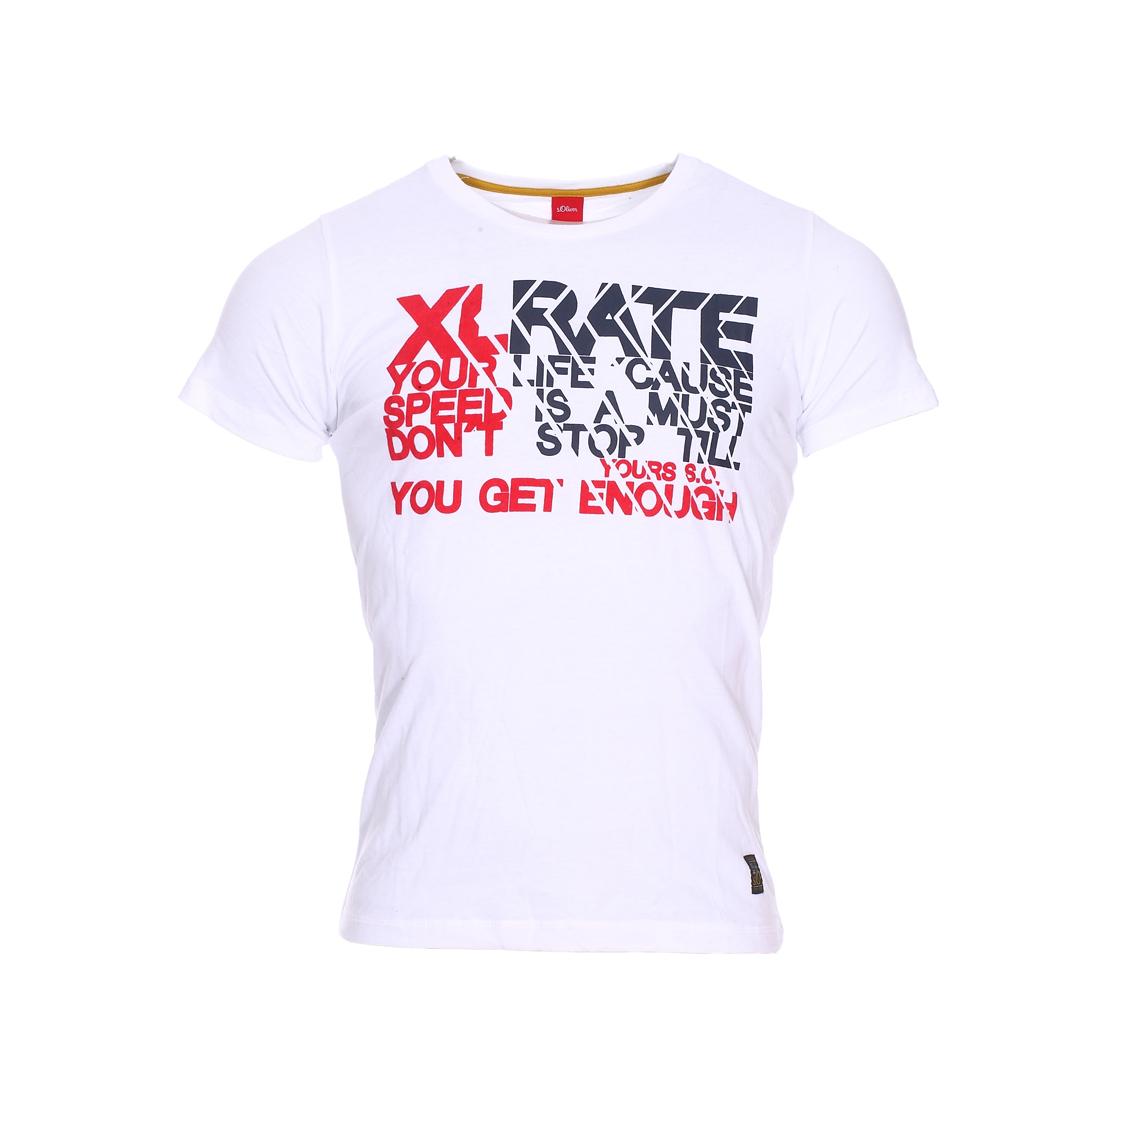 Tee-shirt col rond  en coton blanc floqué en noir et rouge, effet velours